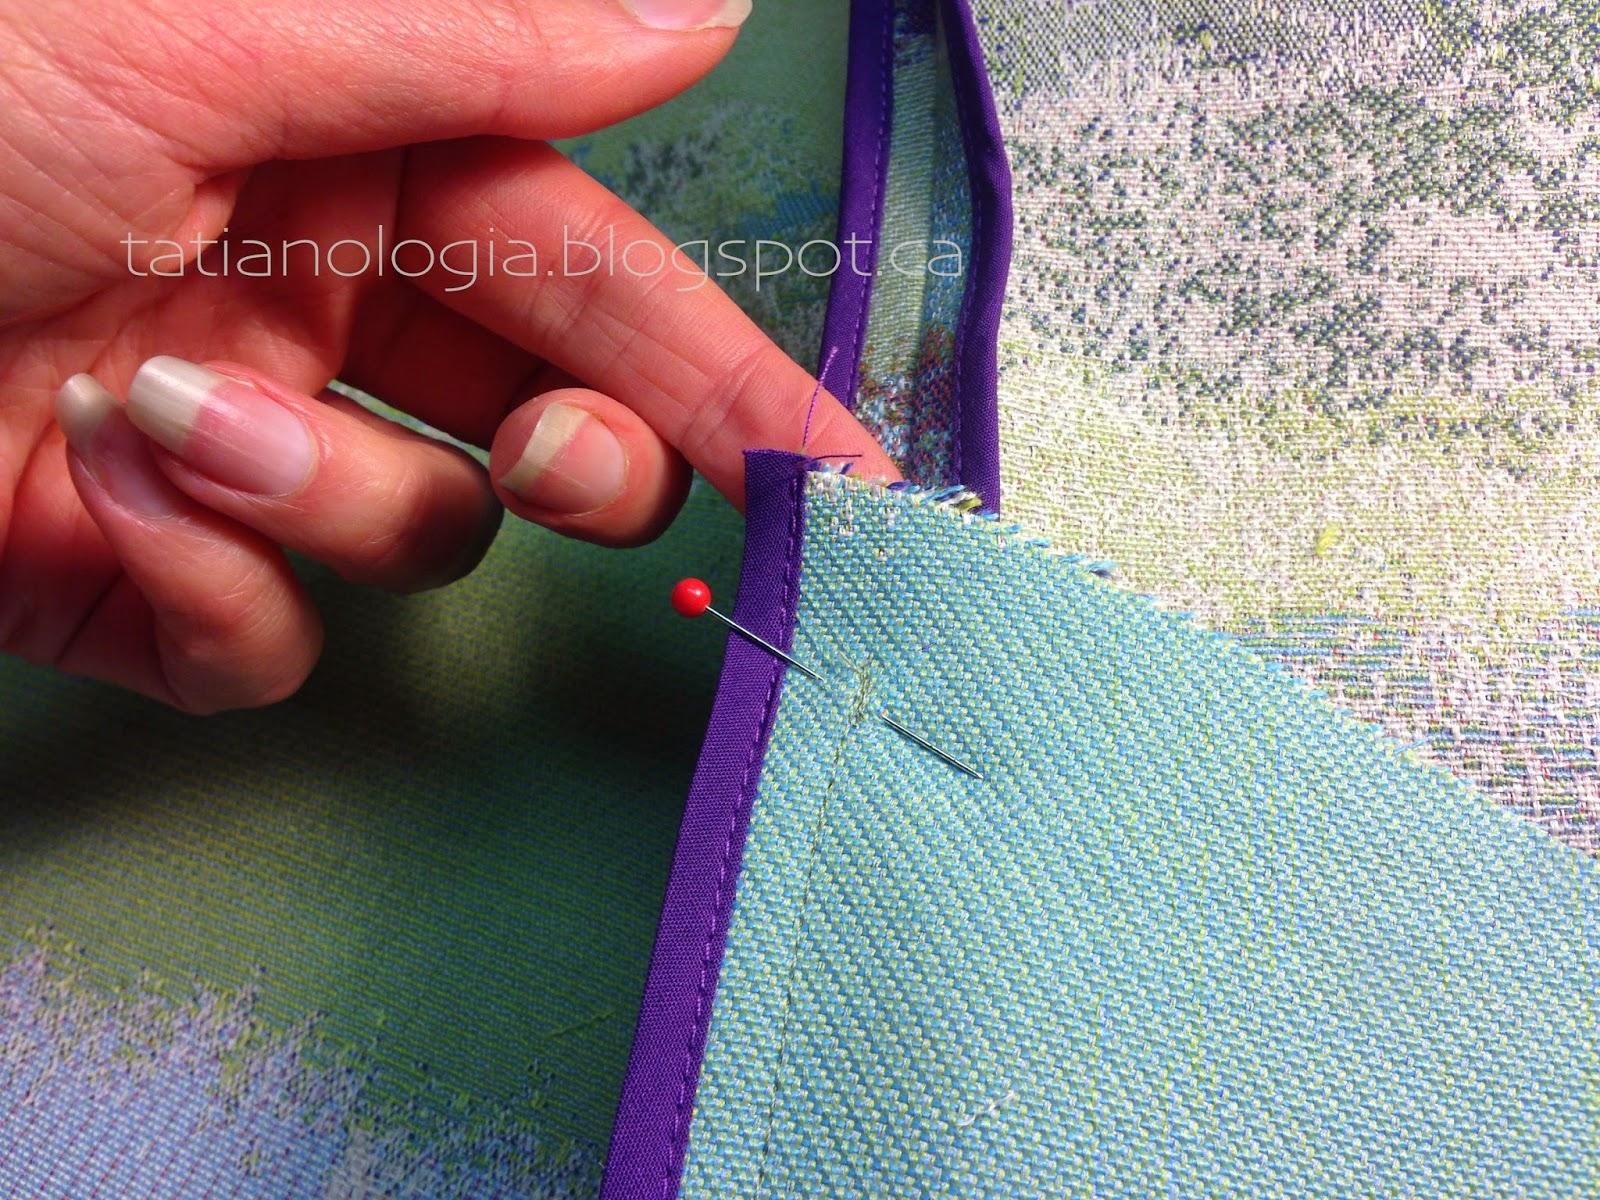 Юбкасолнце  Как сделать выкройку и сшить юбкусолнце